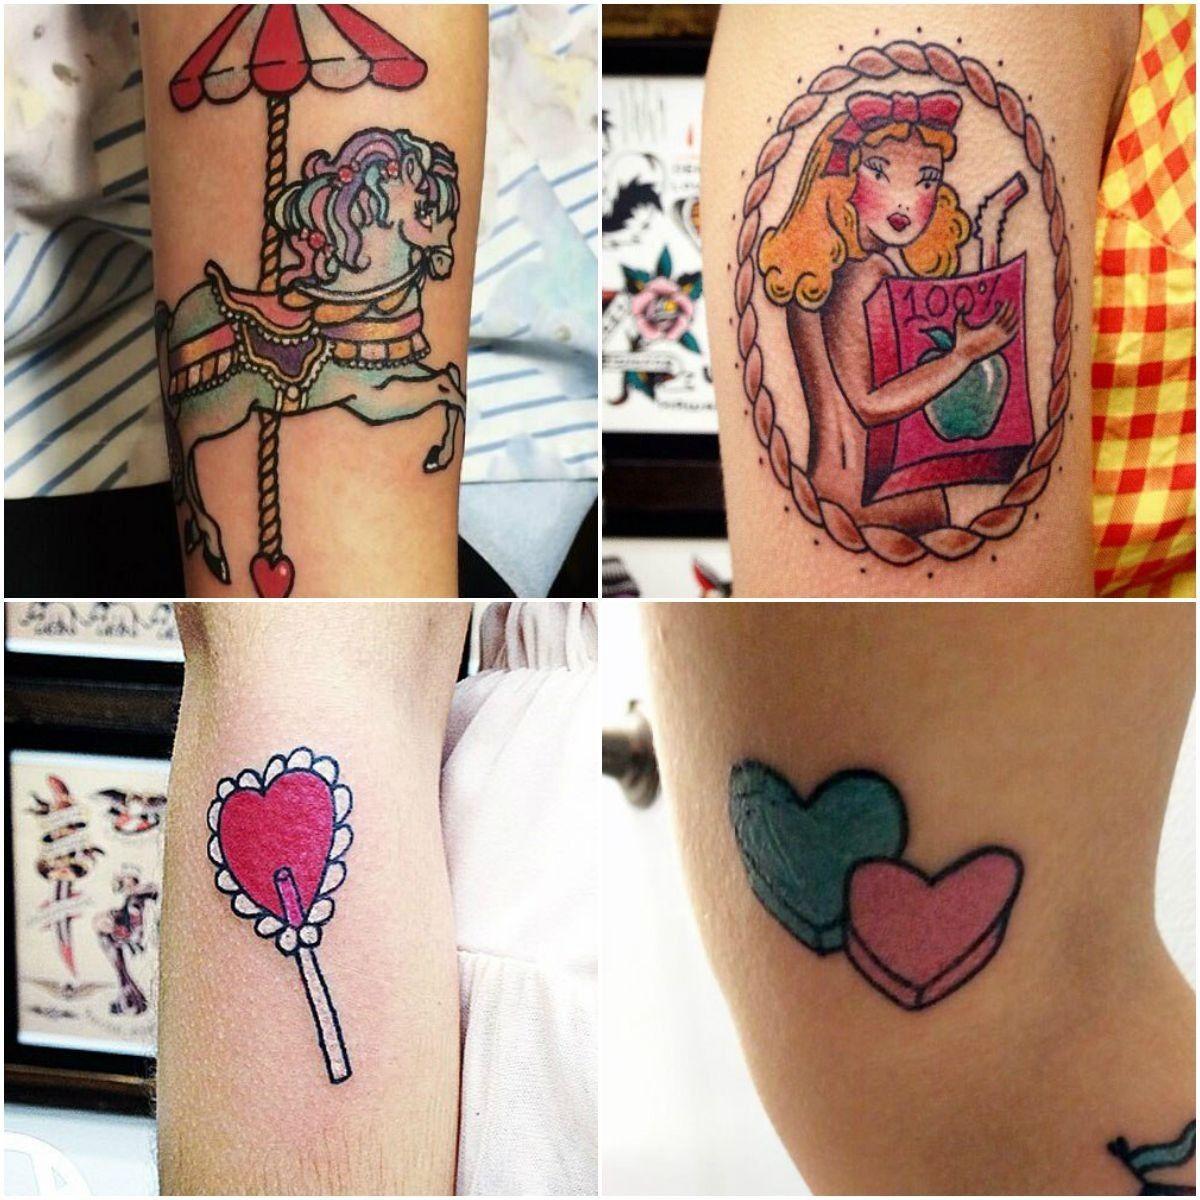 Melanie Martinez Tattoos Melanie Martinez Crybaby Melanie Martinez Cry Baby Tattoo